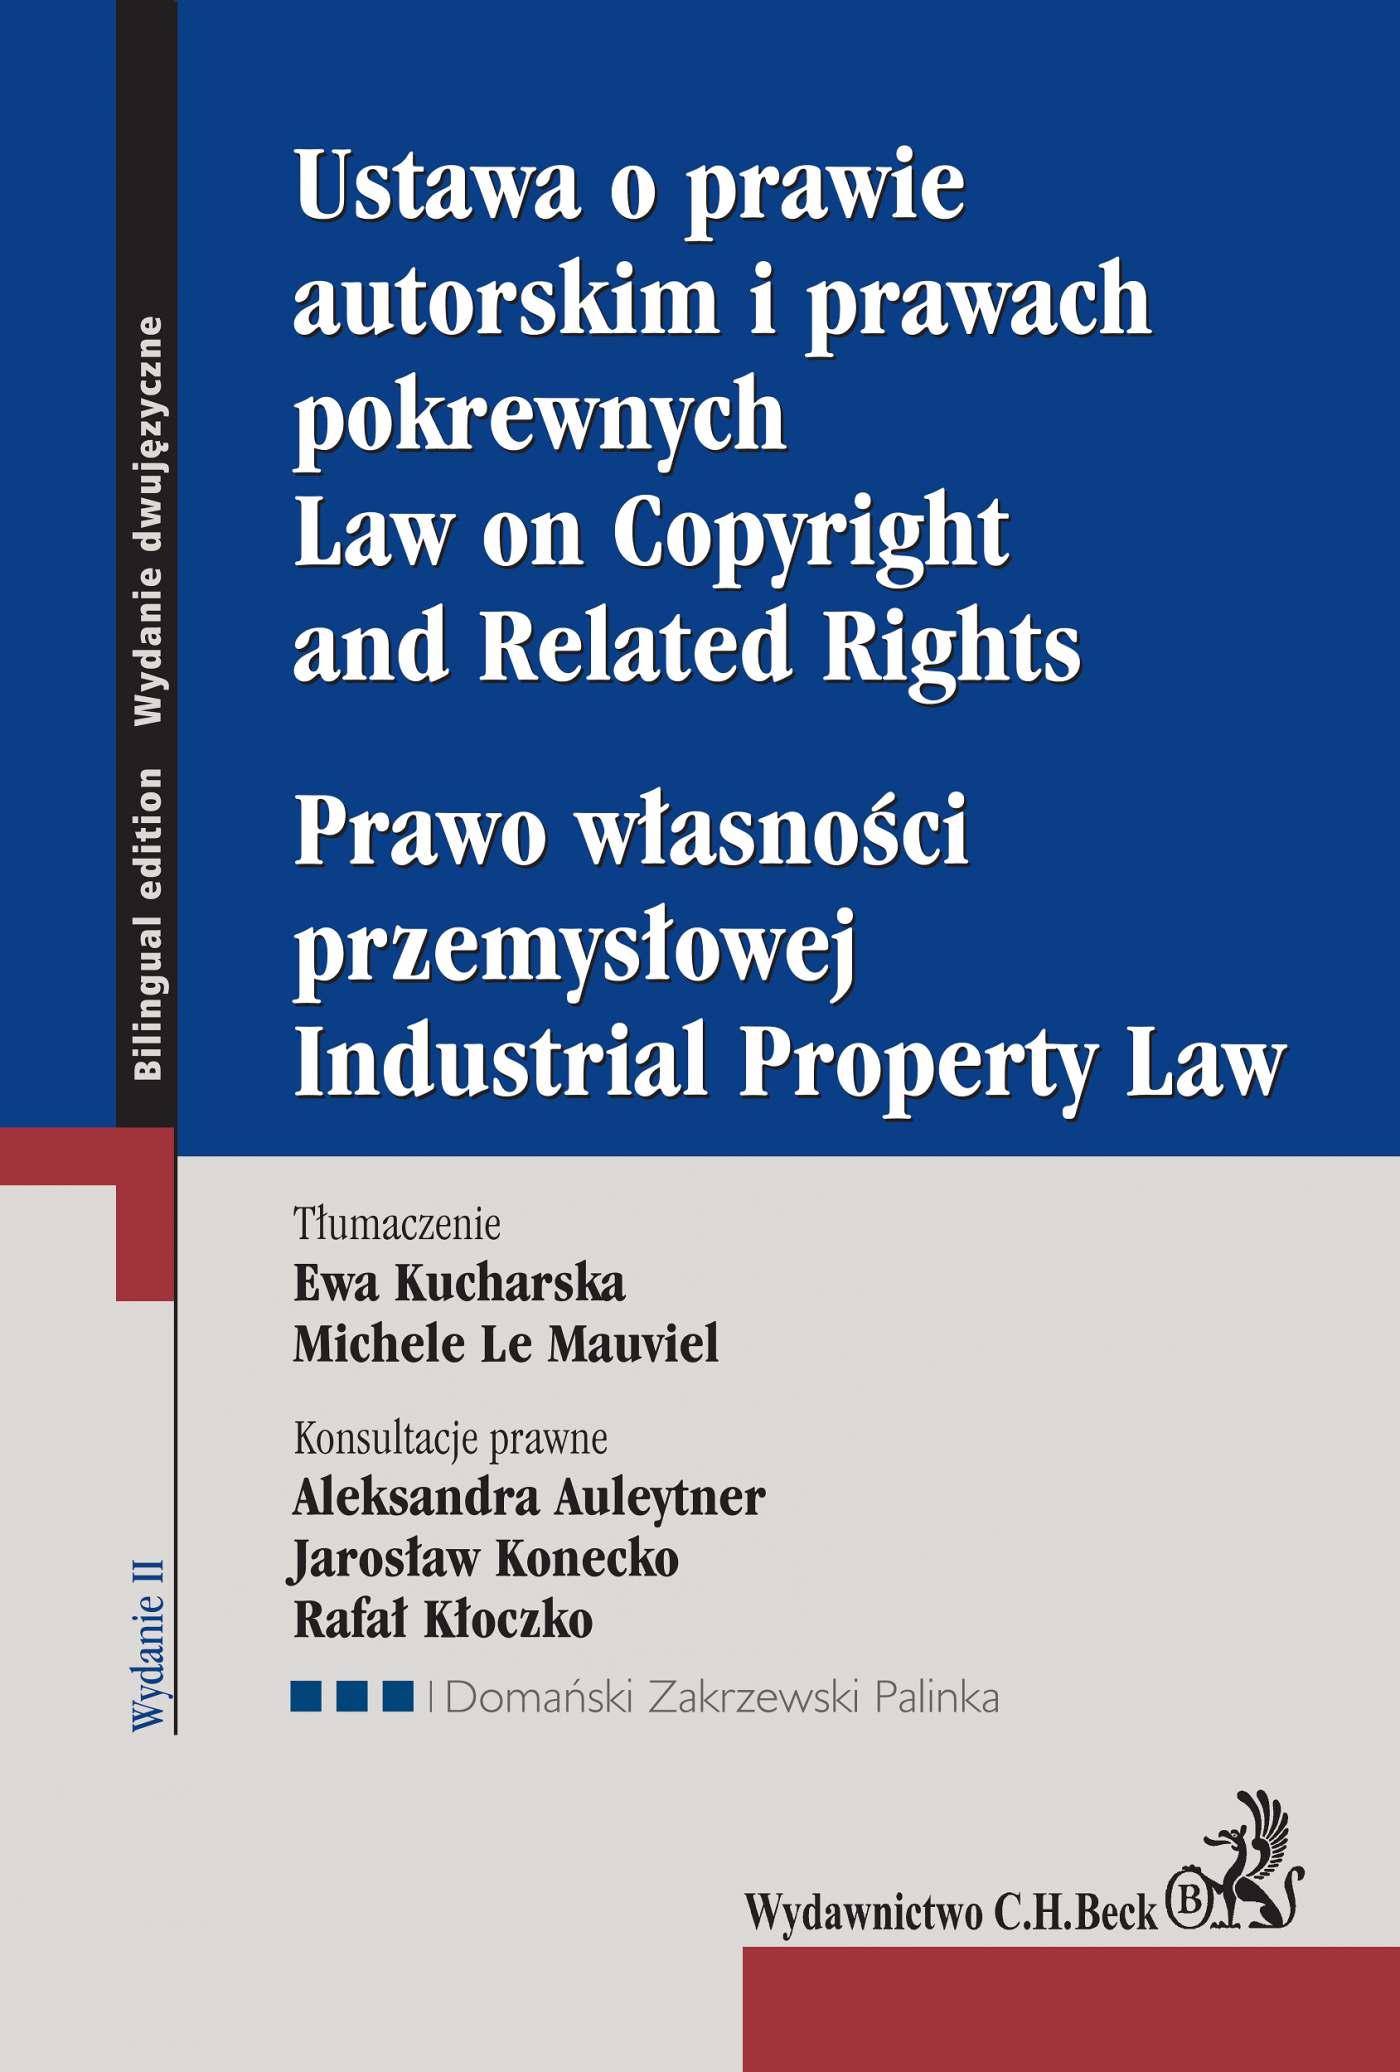 Ustawa o prawie autorskim i prawach pokrewnych. Prawo własności przemysłowej. Law of Copyright and Related Rights. Idustrial Property Law. Wydanie 2 - Ebook (Książka PDF) do pobrania w formacie PDF